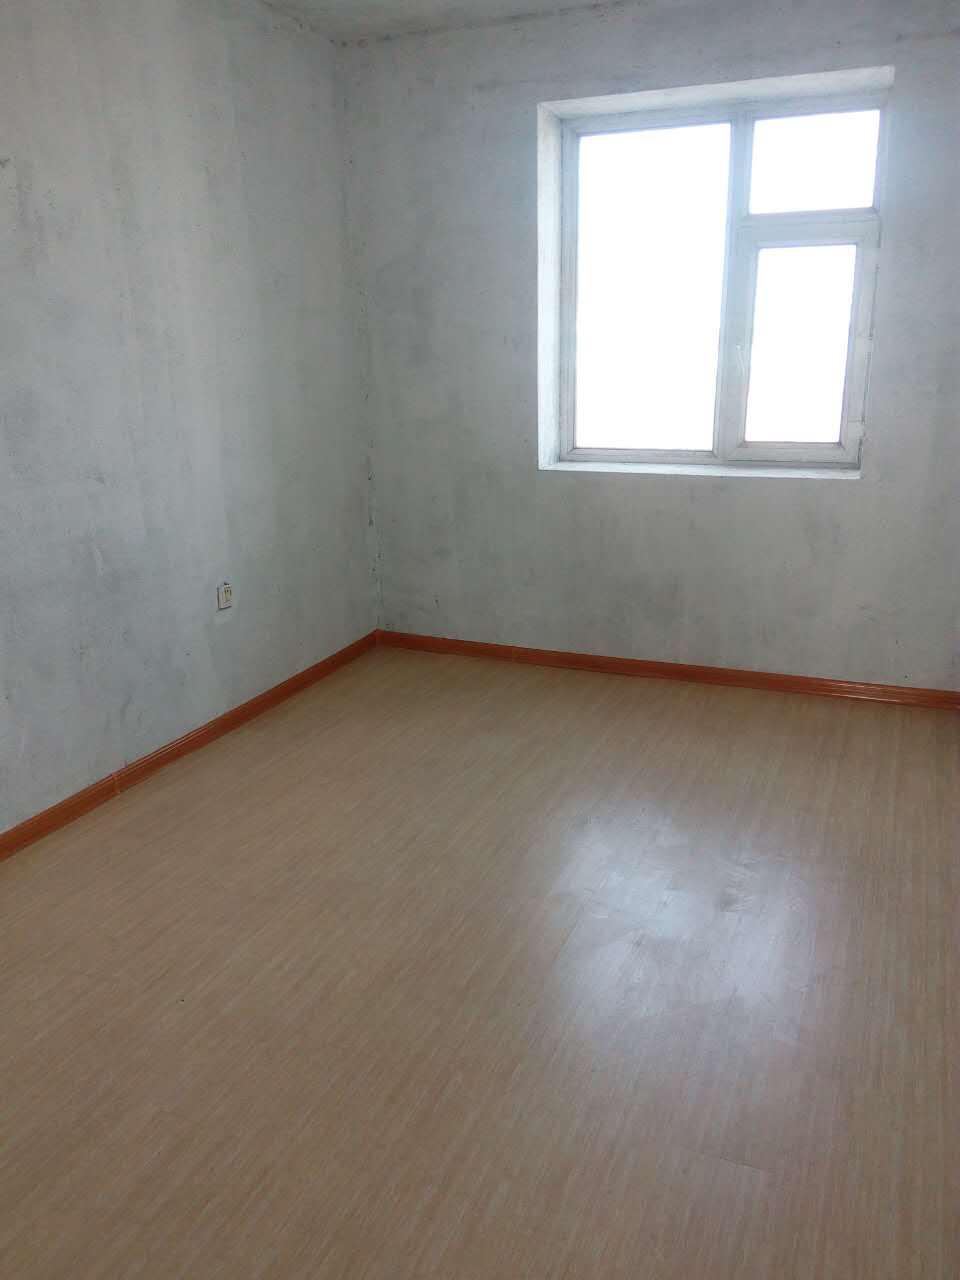 华溪小区3室1厅1卫1200元/月